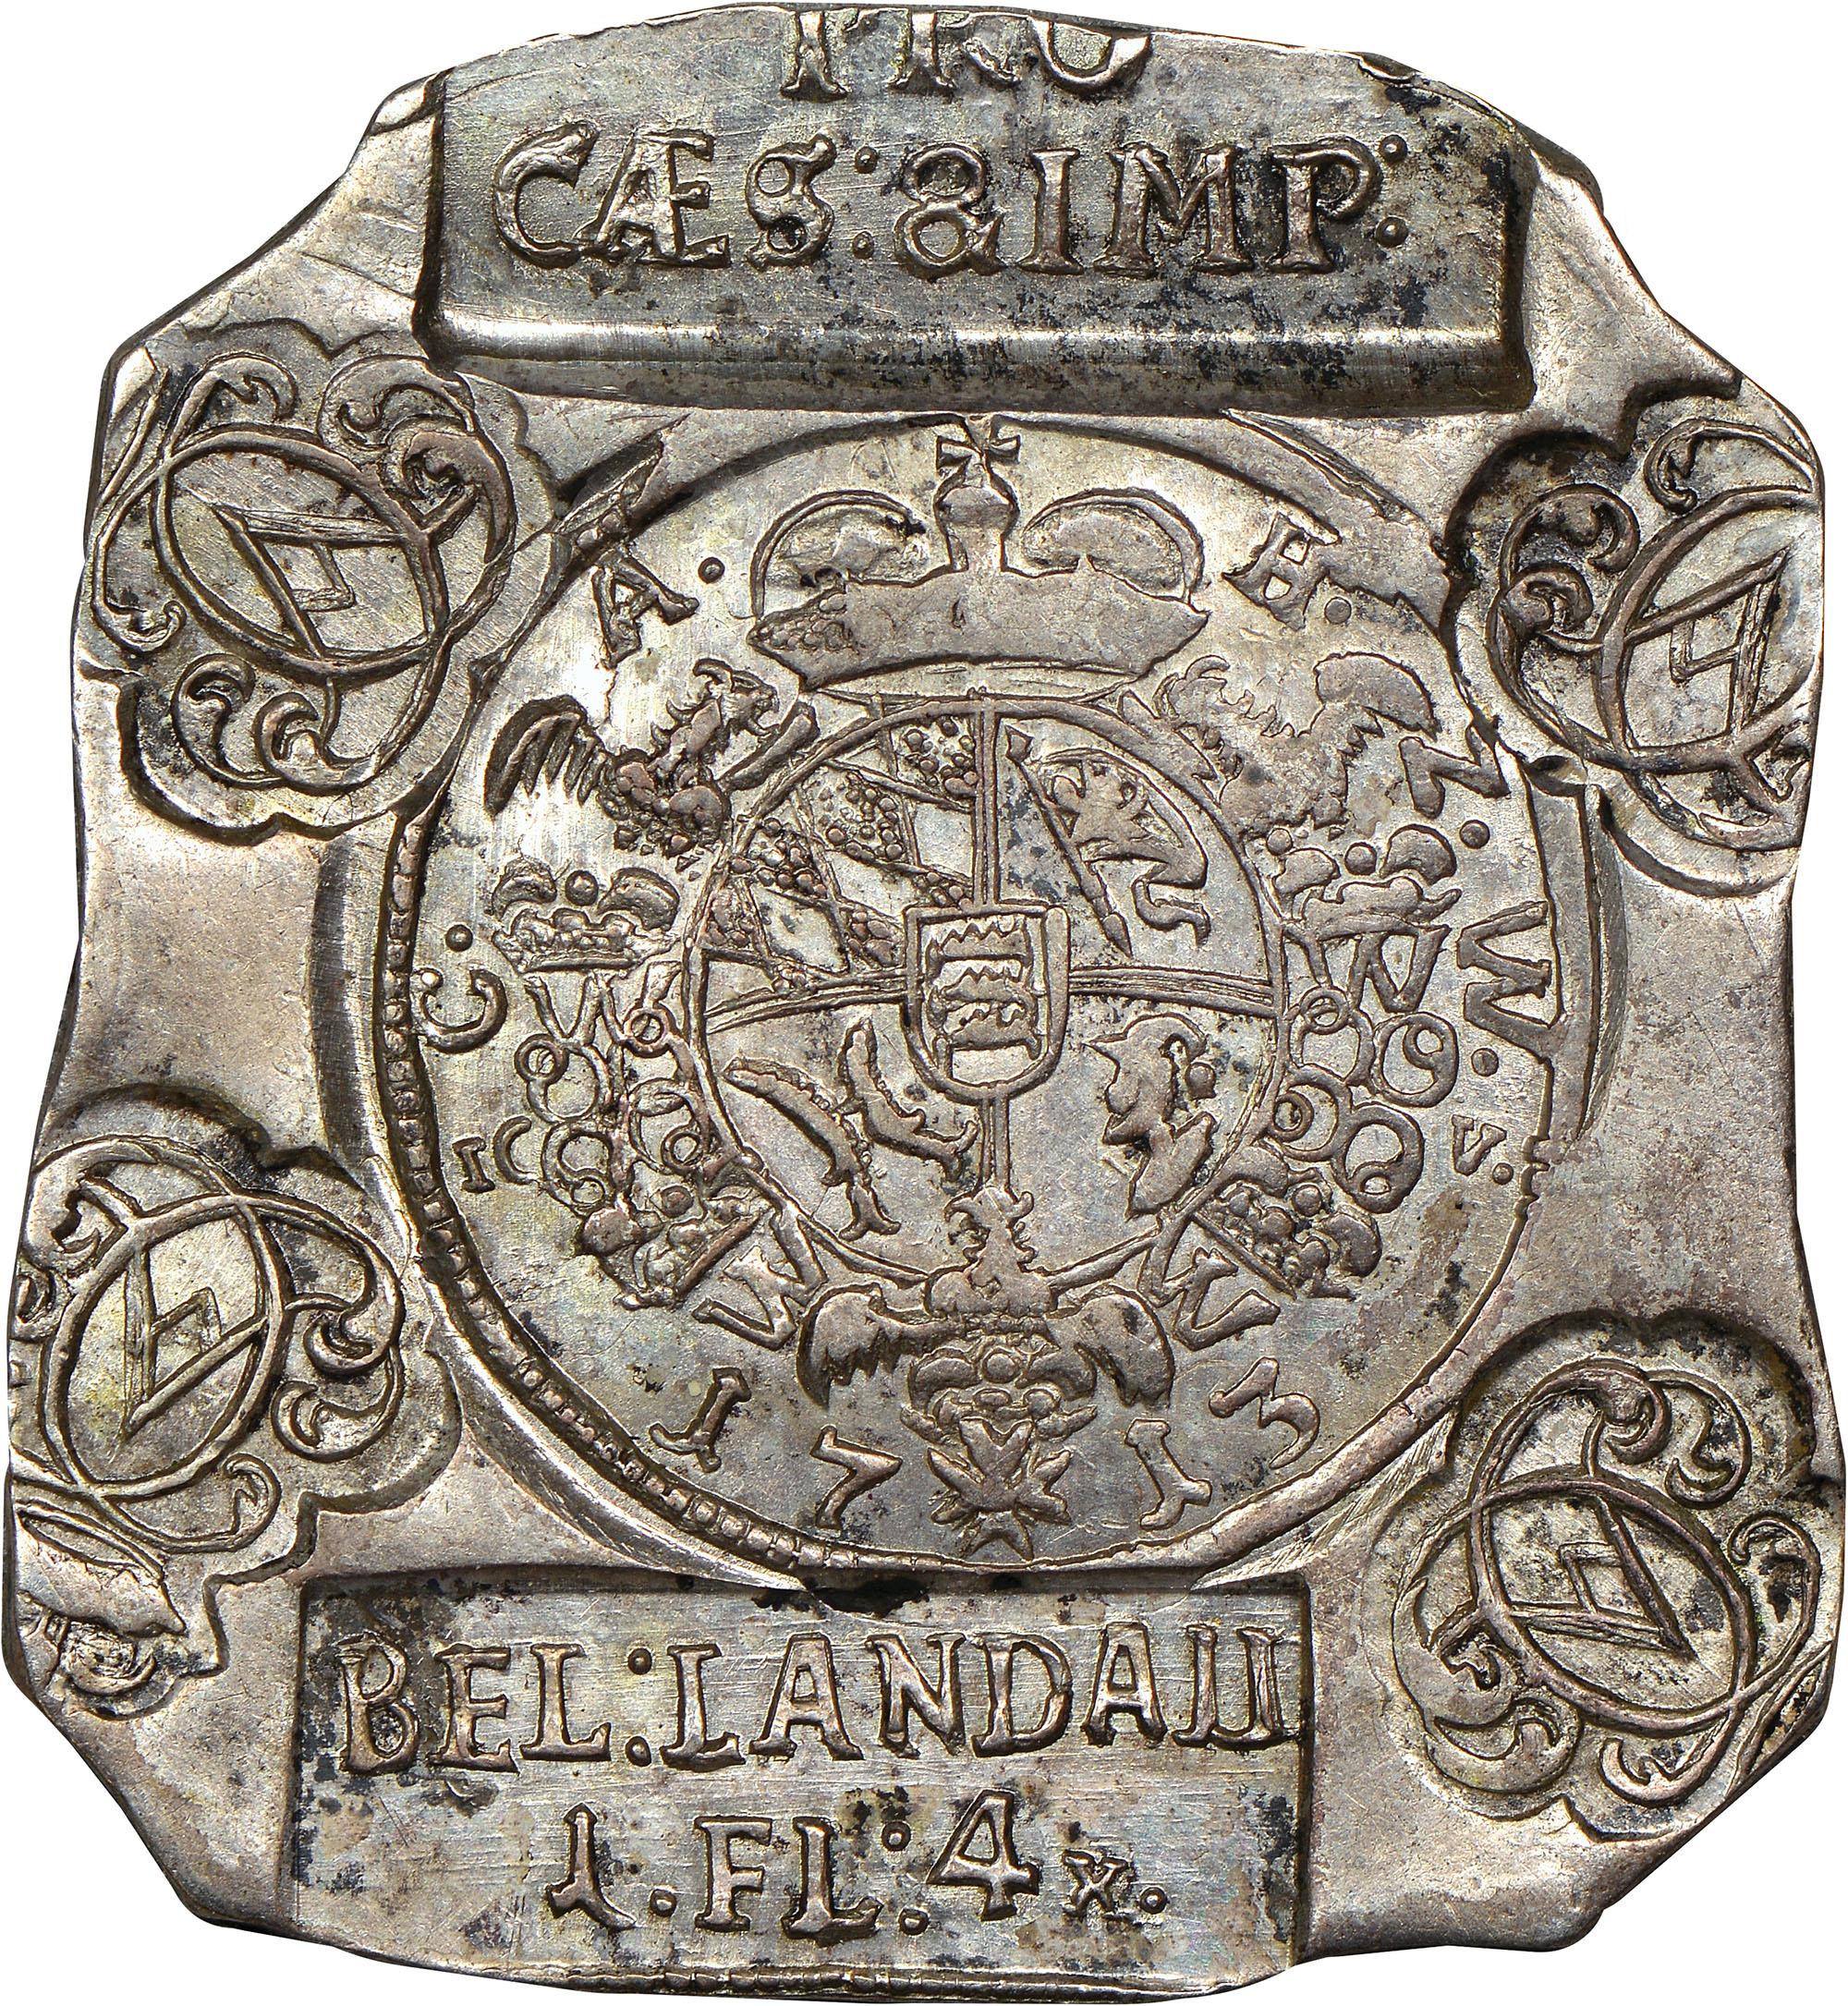 1713 German States LANDAU 1 Florin 4 Kreuzer obverse